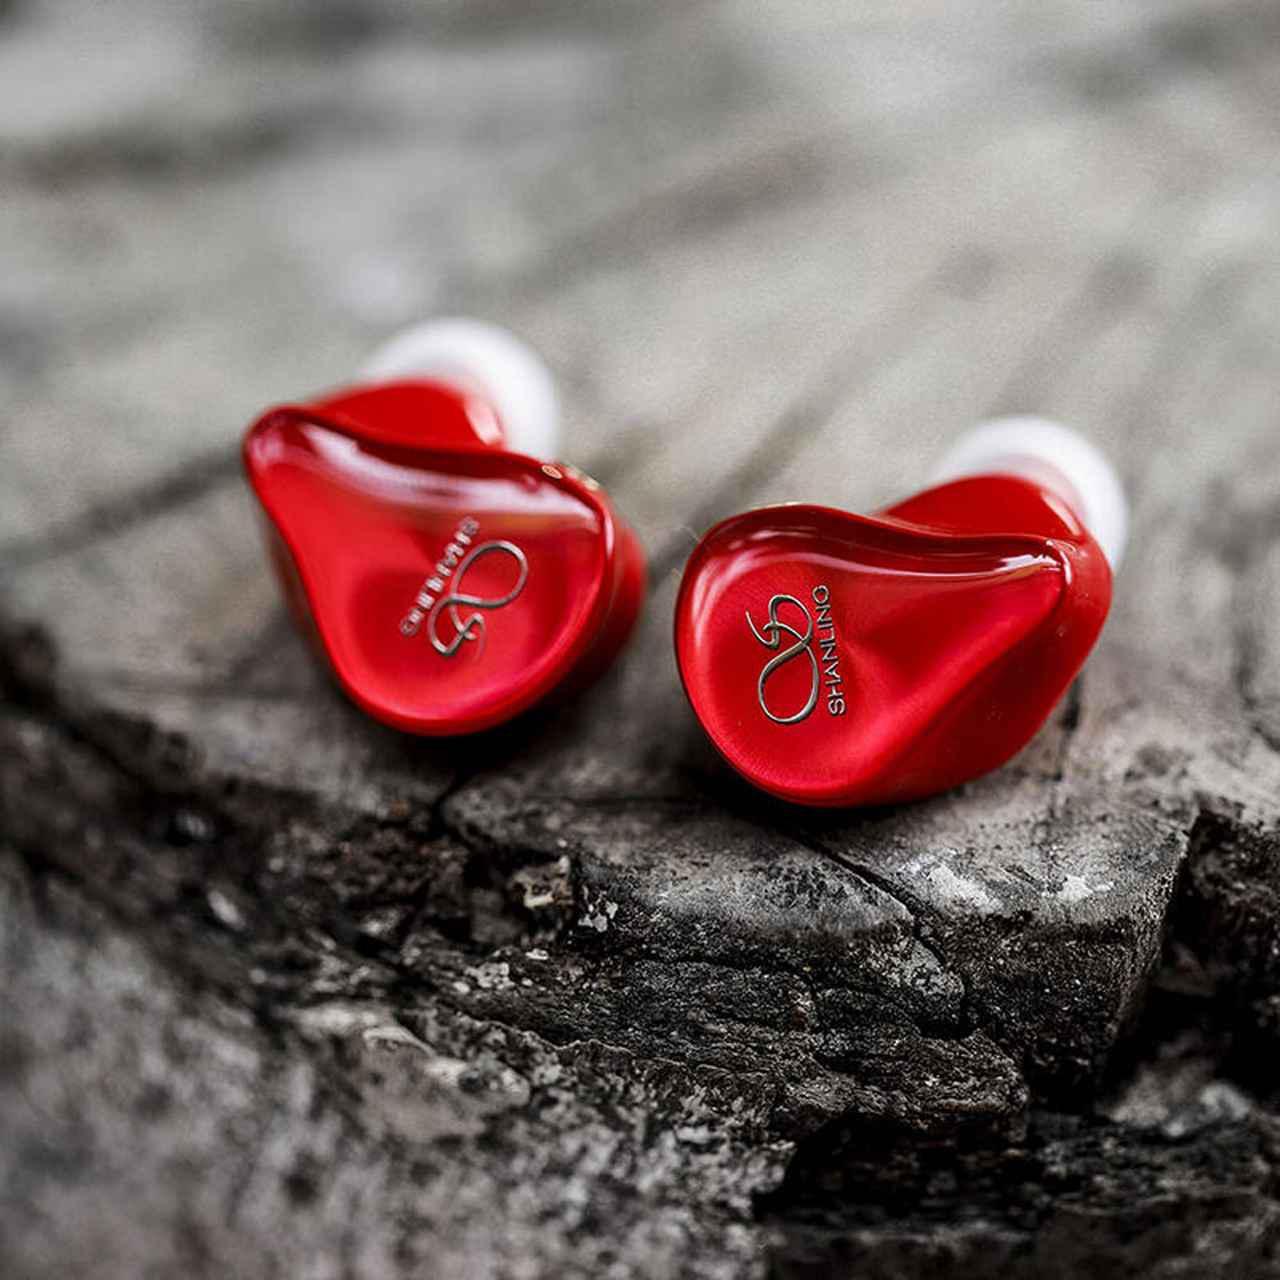 画像: SHANLING、ハイレゾ対応のカナル型イヤホン「ME200」を5月29日に発売。光沢感のあるフェイスプレートで耳元をオシャレに飾る